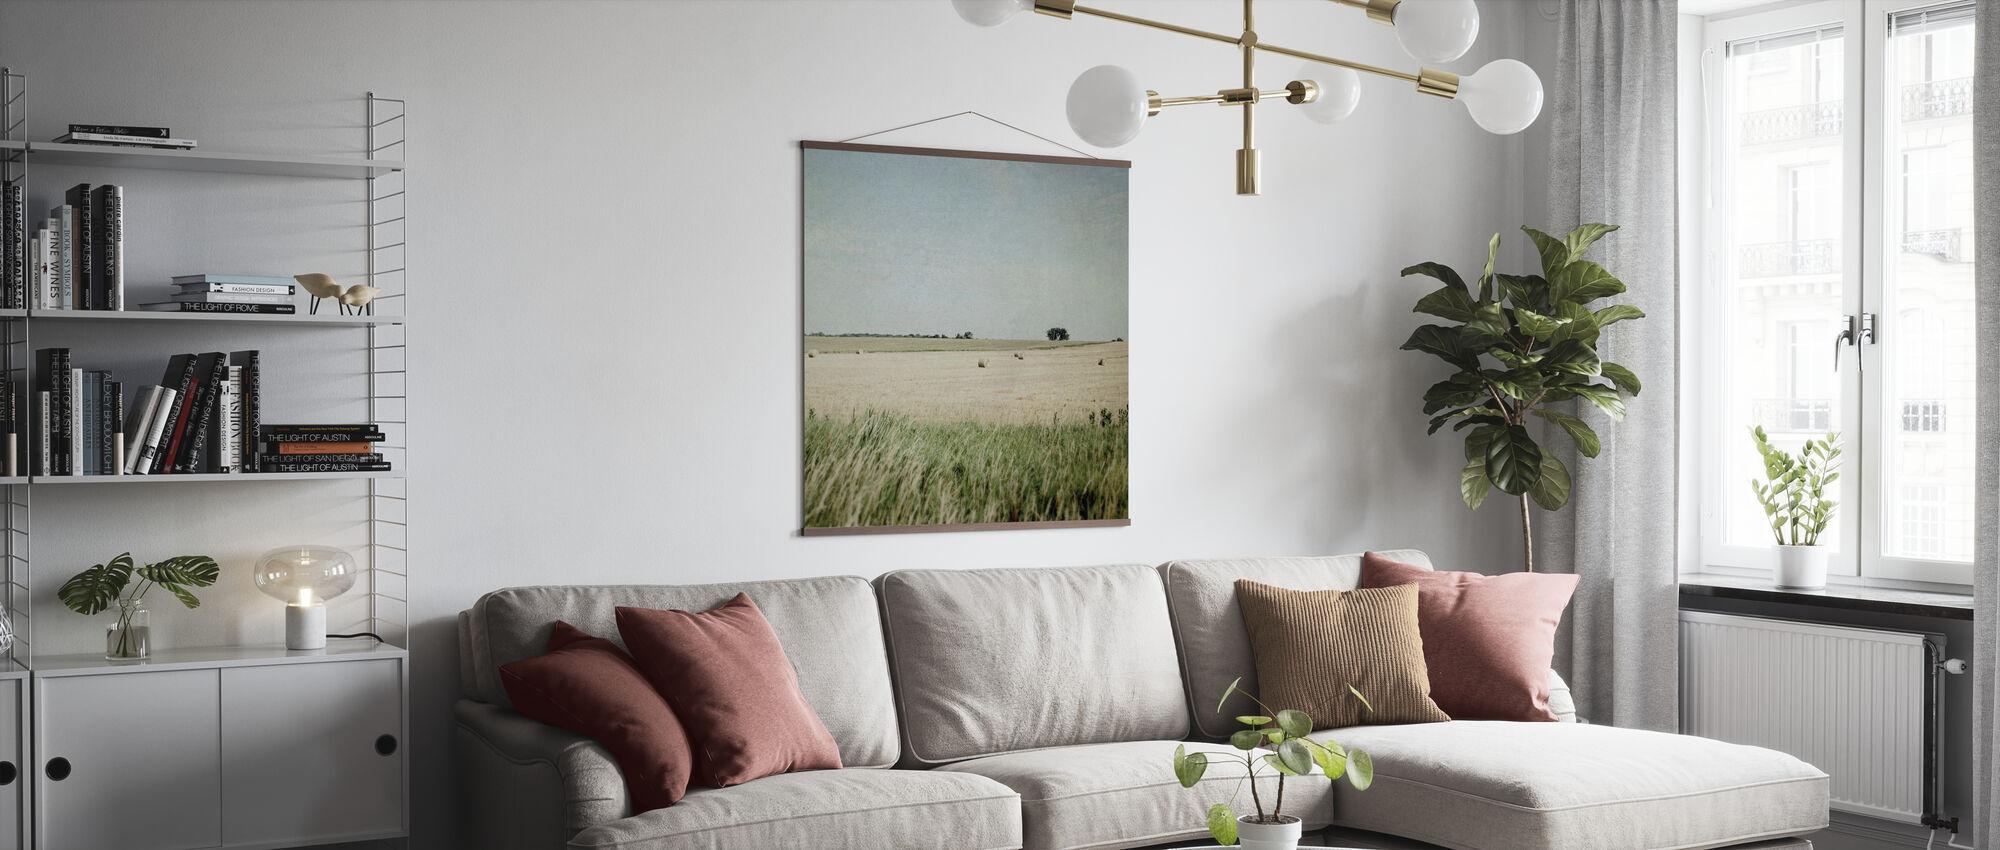 Hay - Plakat - Stue